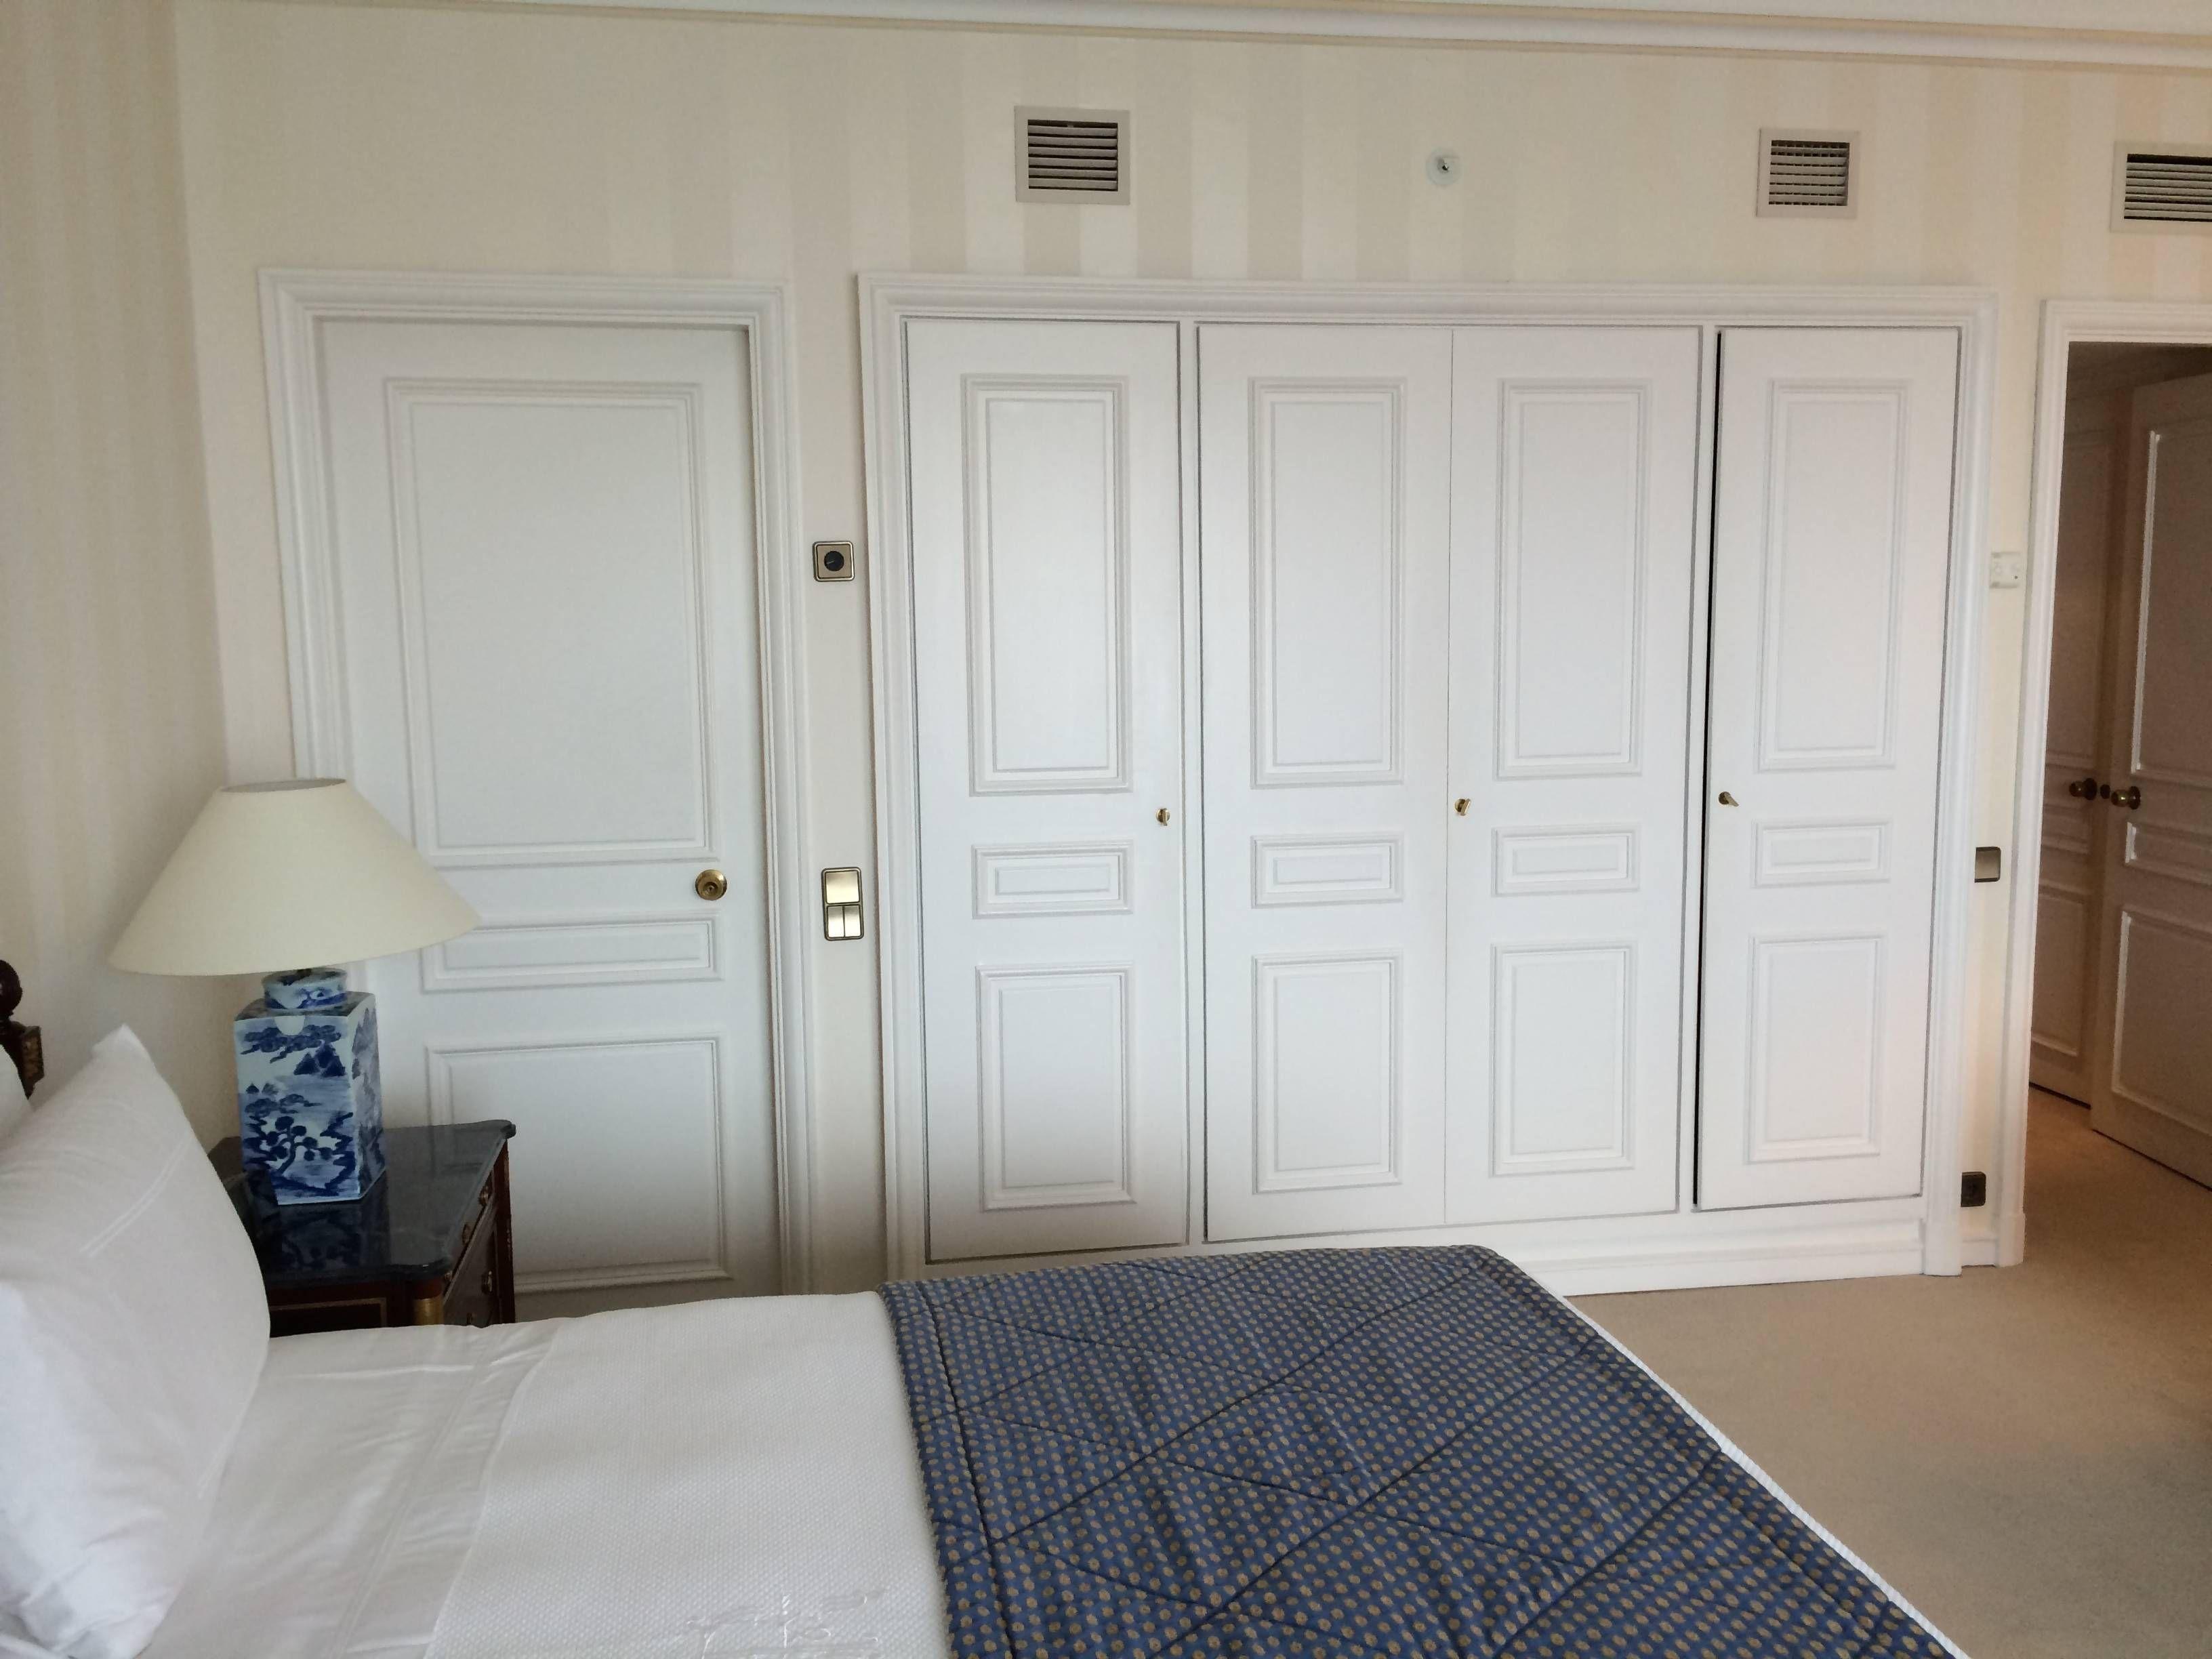 Four Seasons Hotel Ritz Lisbon - passageirodeprimeira